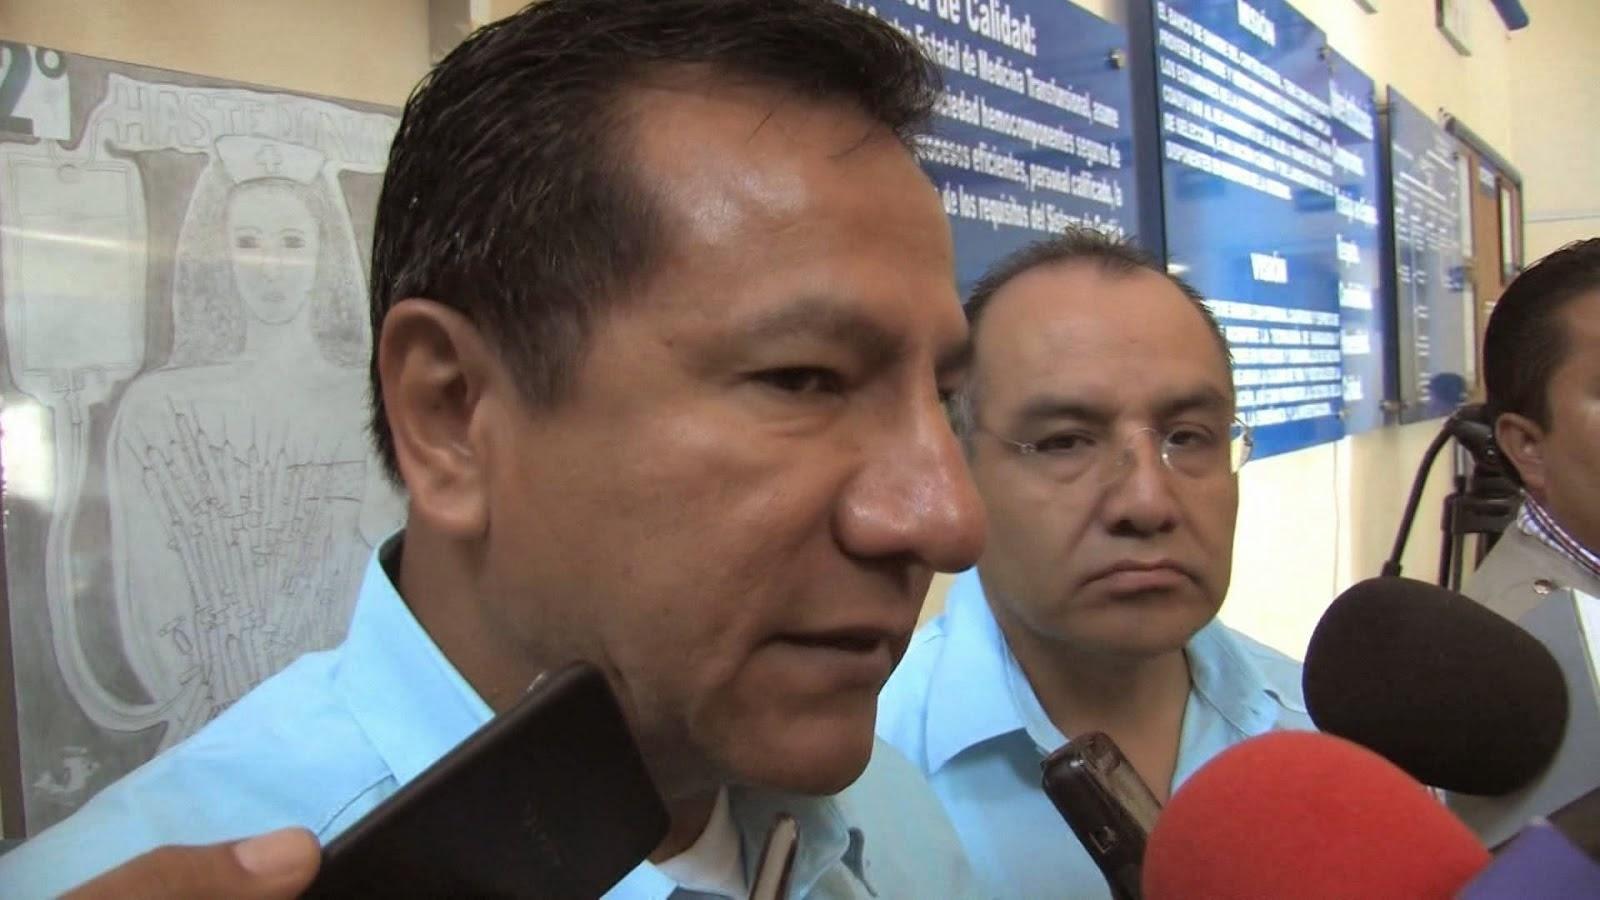 Lázaro Mazón Alonso